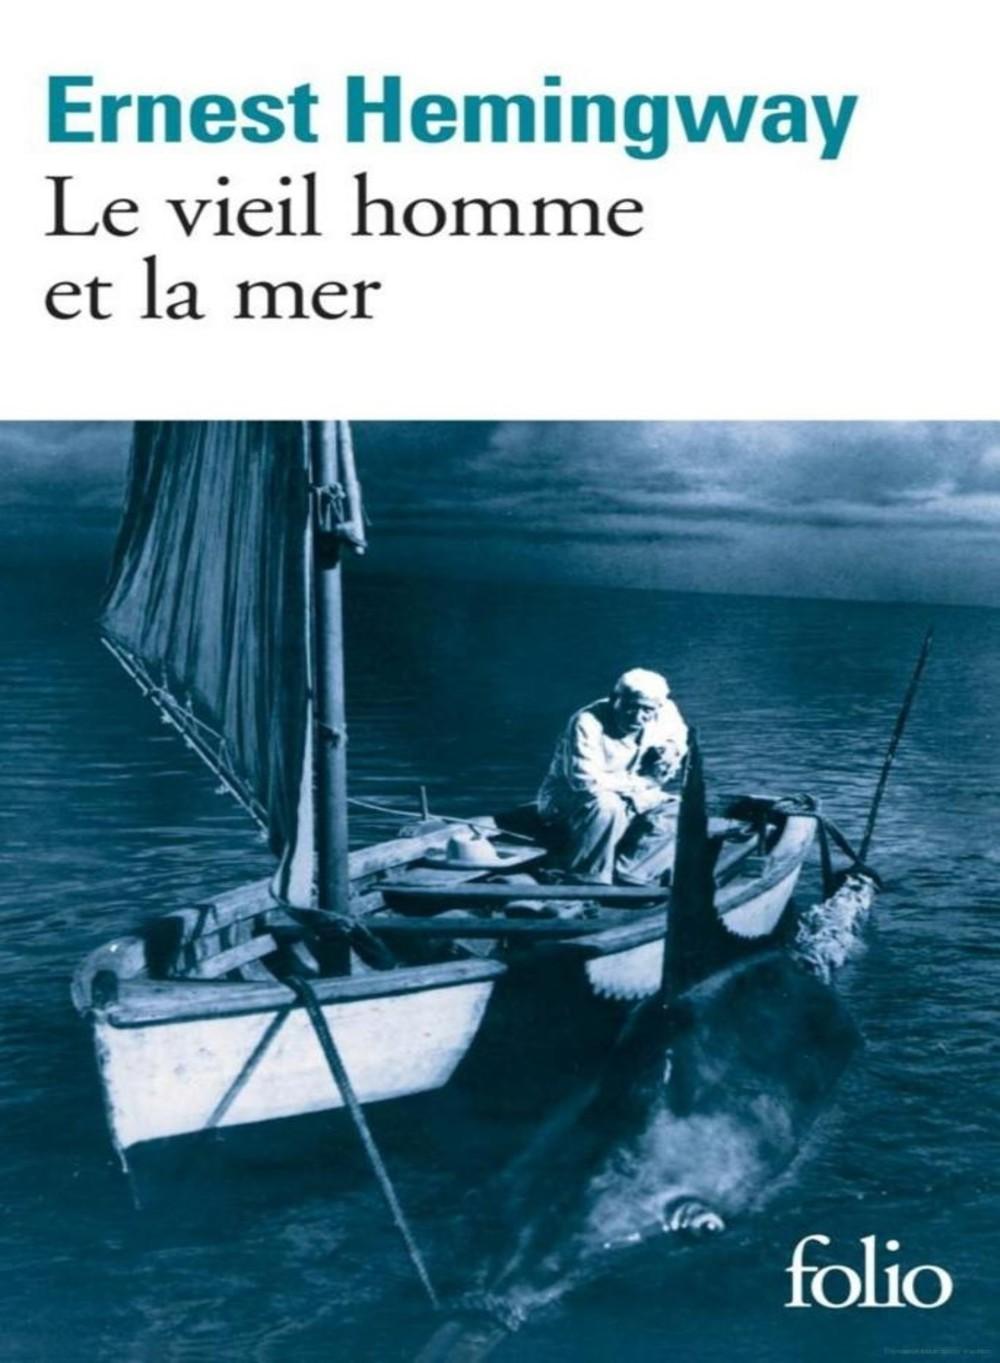 Livres d'Hemingway - Le vieil homme et la mer